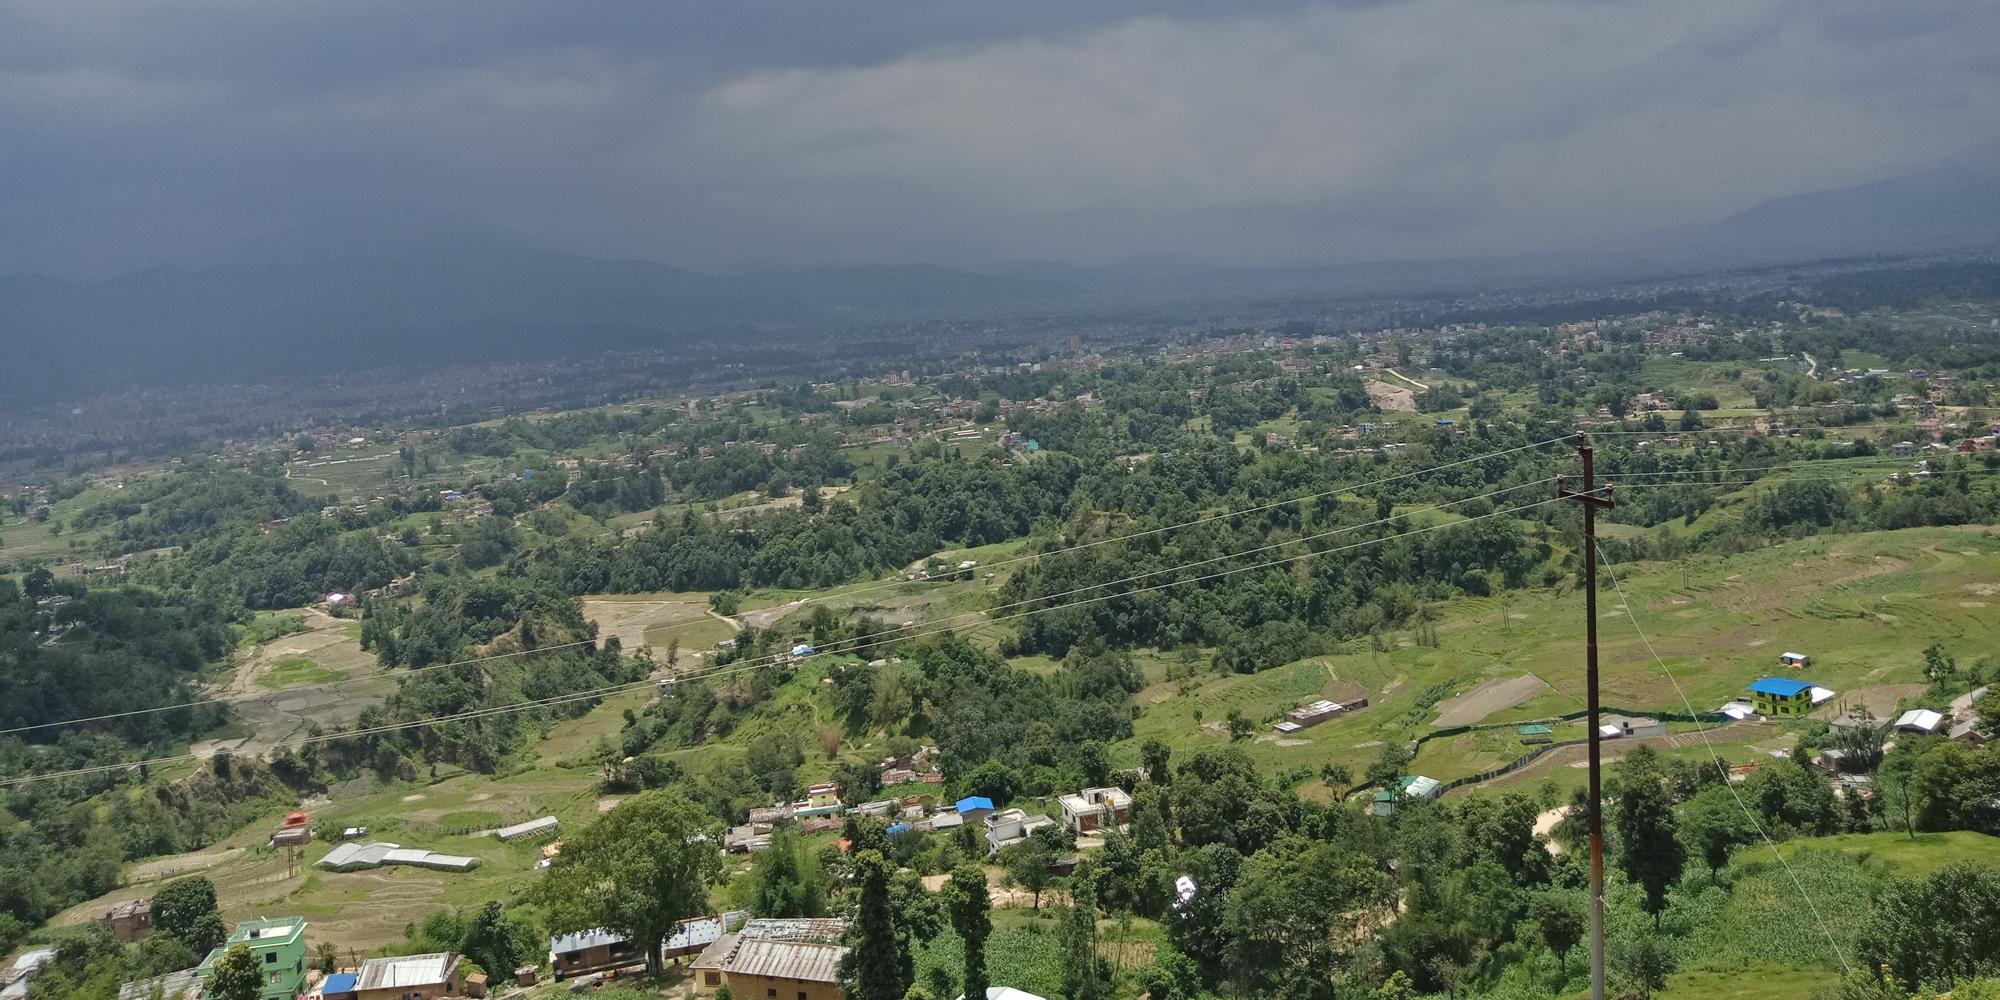 Nagarkot Changu Narayan Day Hiking